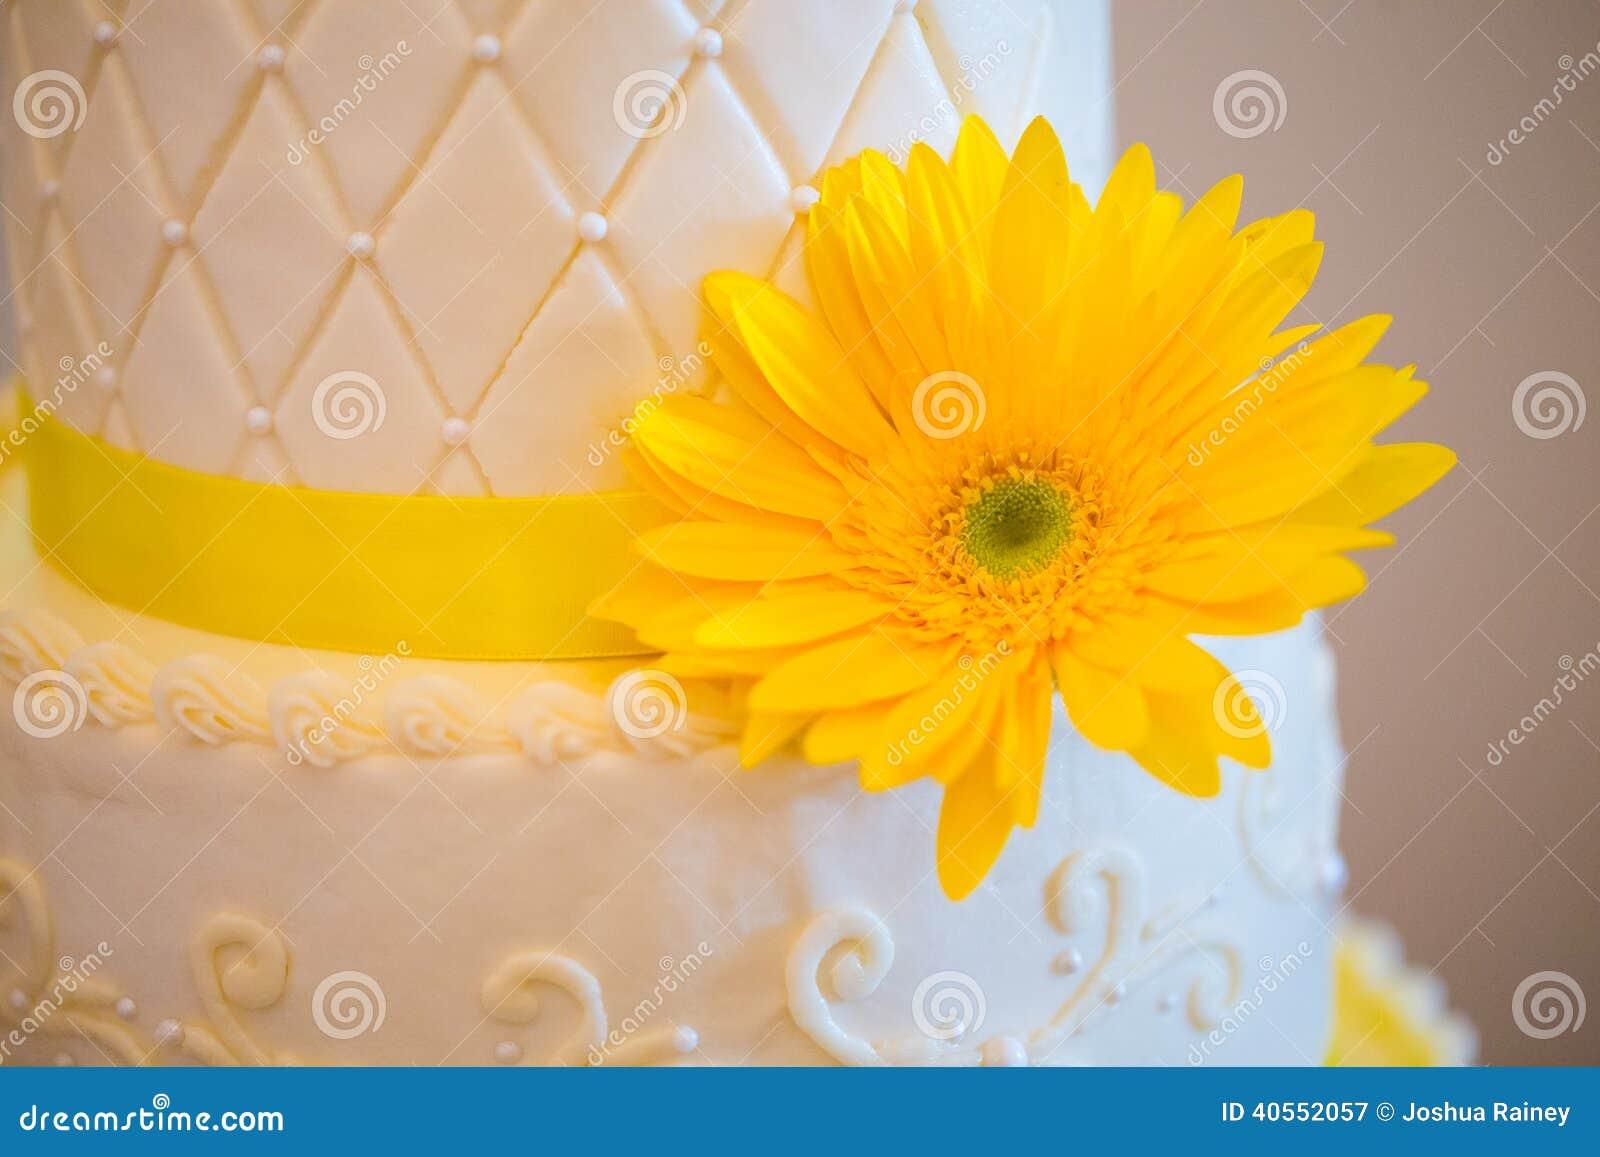 de casamento estratificado em uma recepção com amarelo e o branco #C68505 1300x957 Banheiro Amarelo E Branco